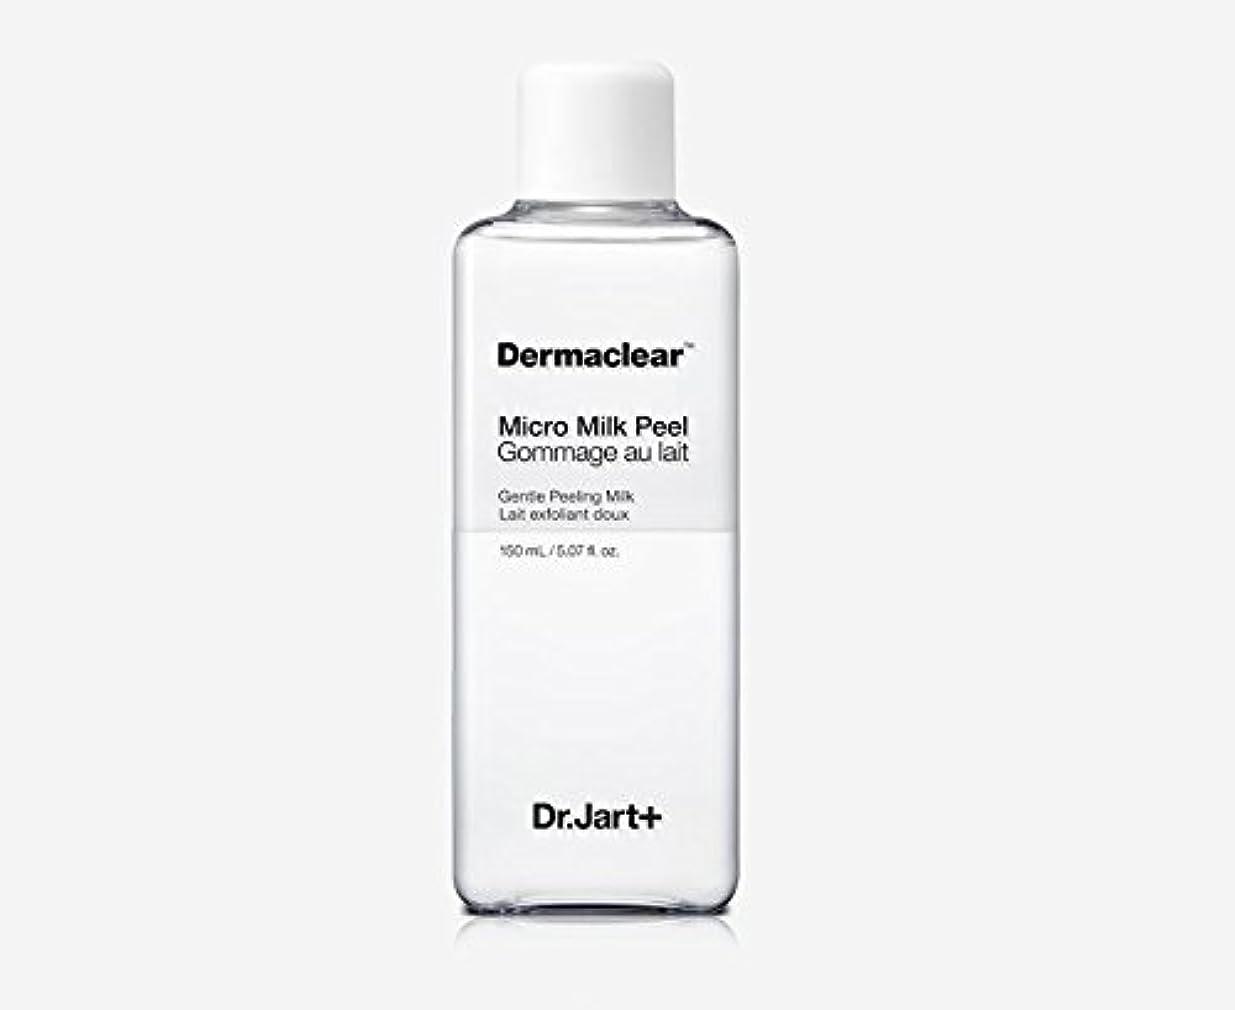 征服するバスルーム収穫[ドクタージャルト]Dermaclear Micro Milk Peel 150ml/[ドクタージャルト]ダーマクリアマイクロミルクピール150ml [並行輸入品]